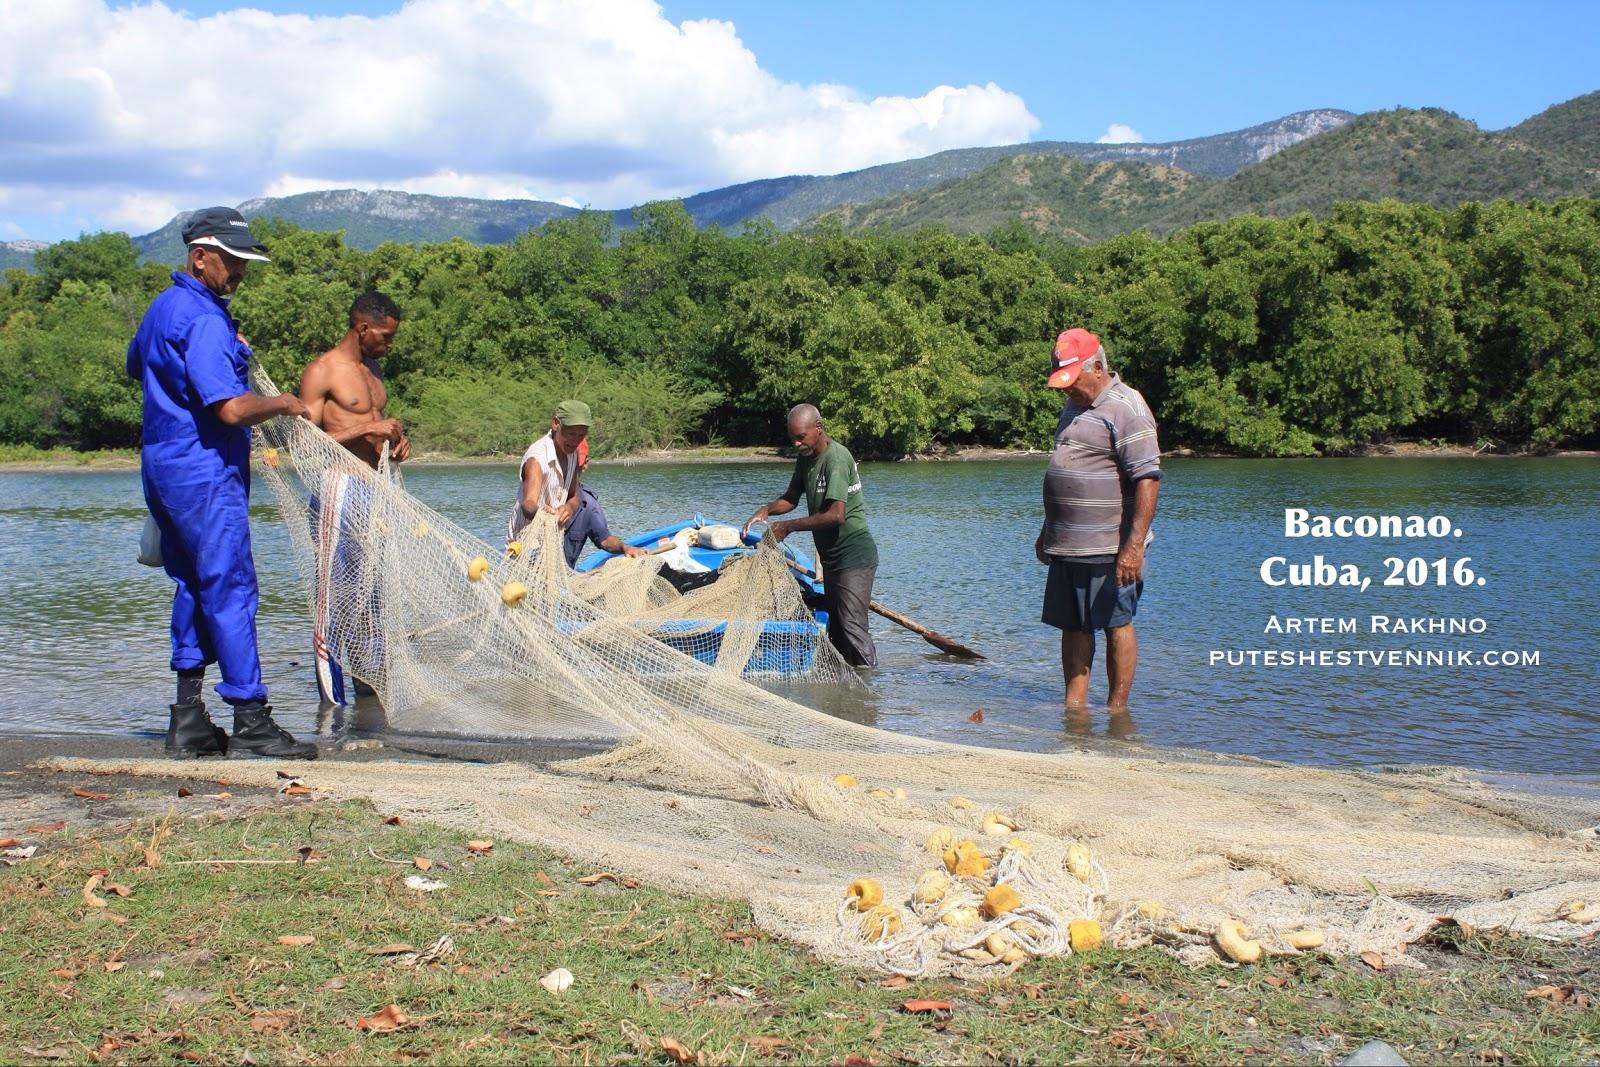 Кубинские рыбаки раскладывают сеть на берегу